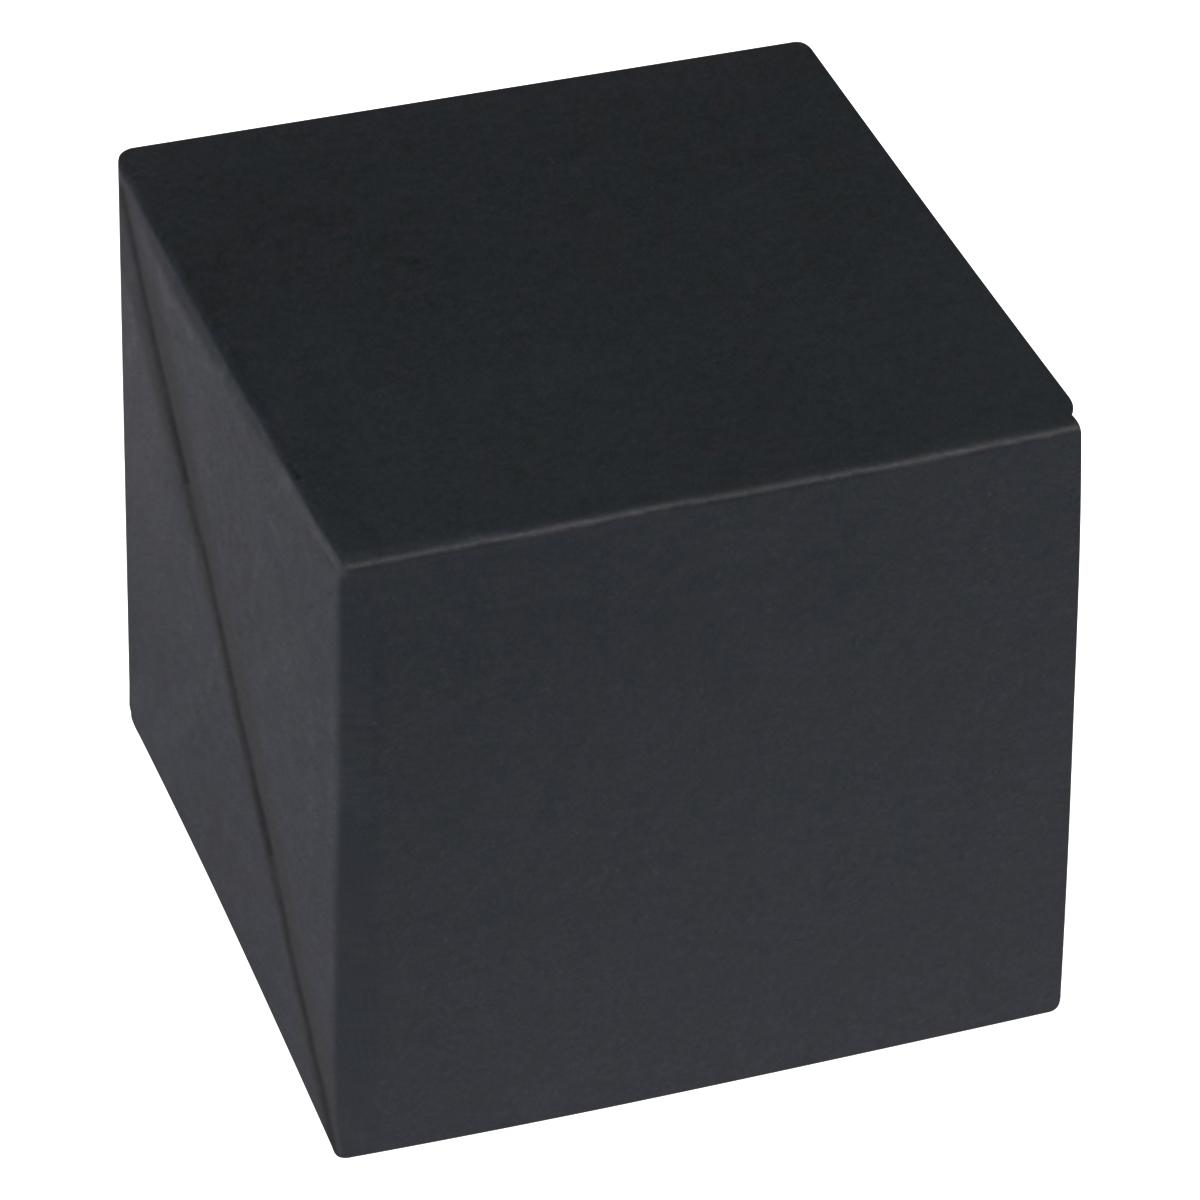 1348 - Cubo organizador para escritorio